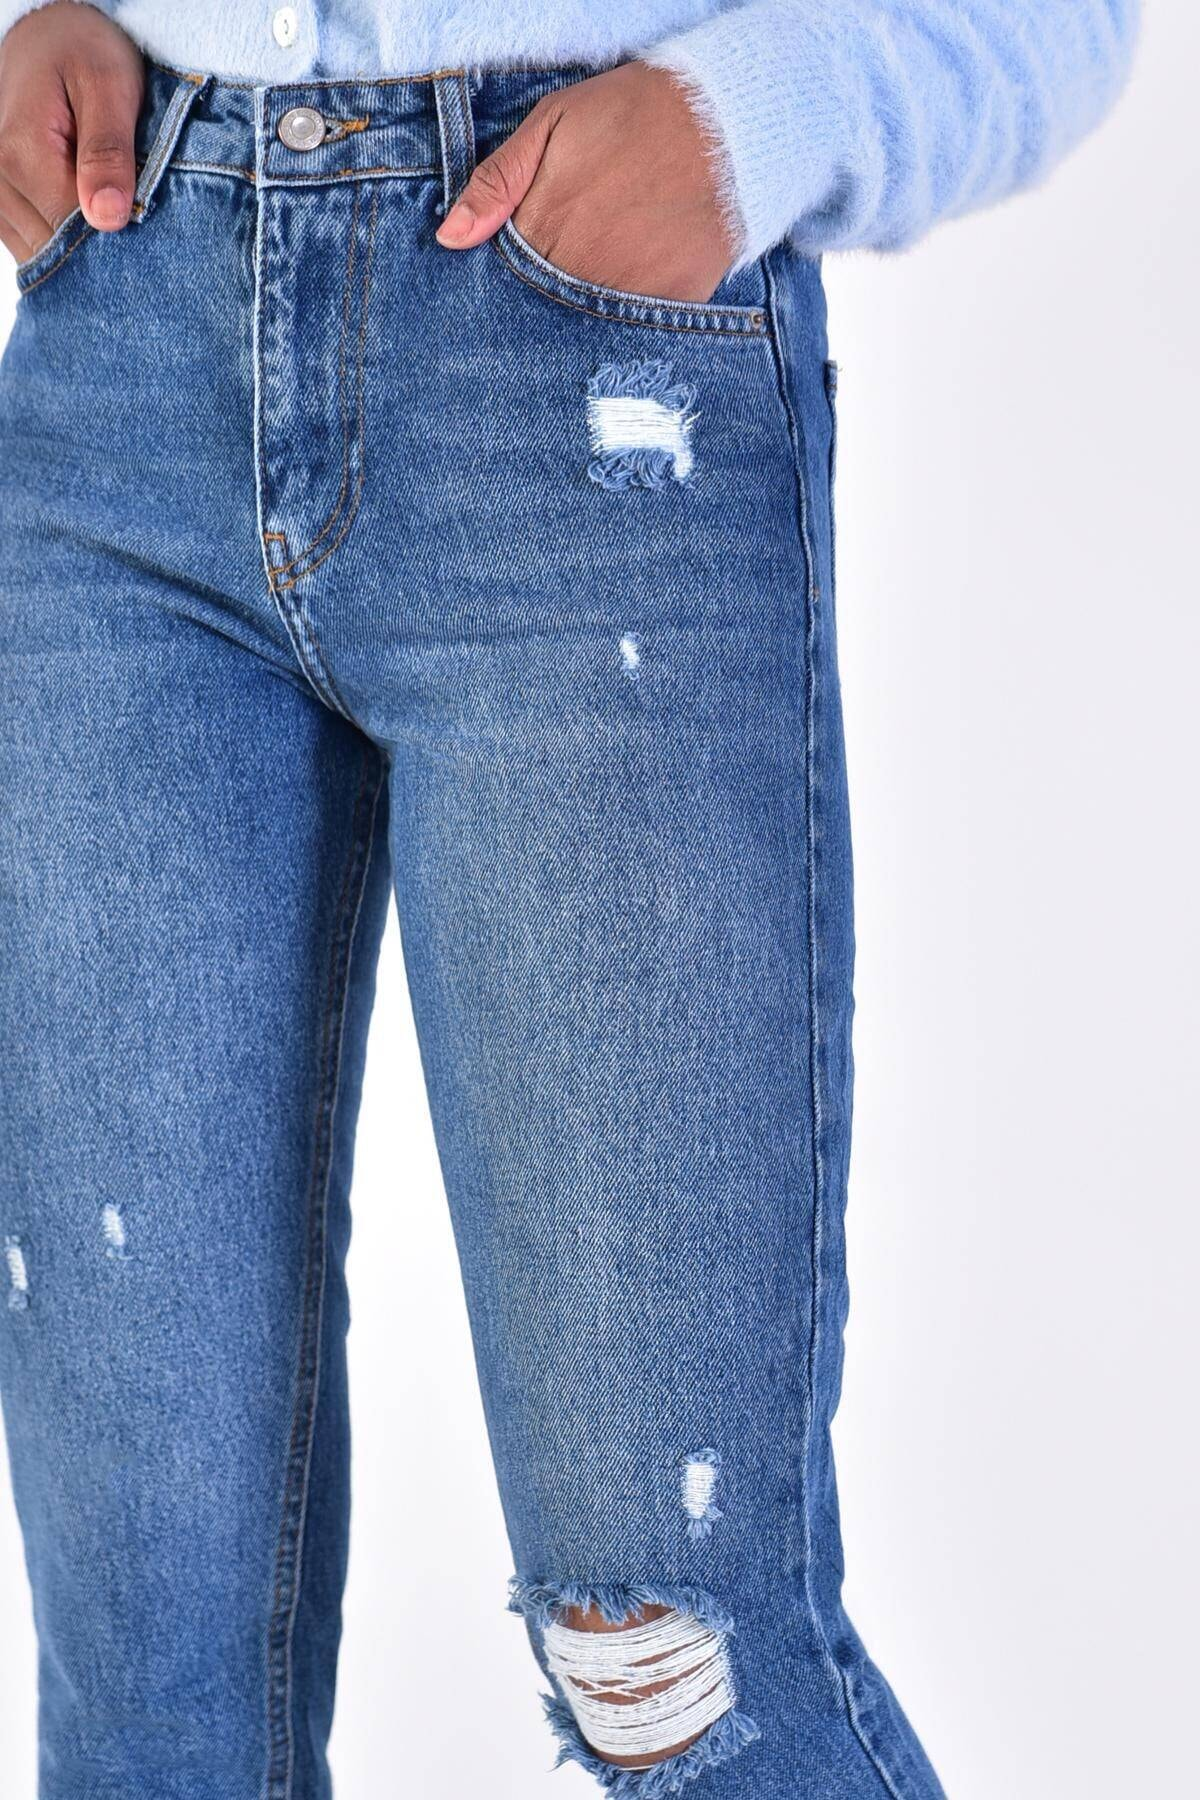 Addax Kadın Kot Rengi Yırtık Detaylı Pantolon 2